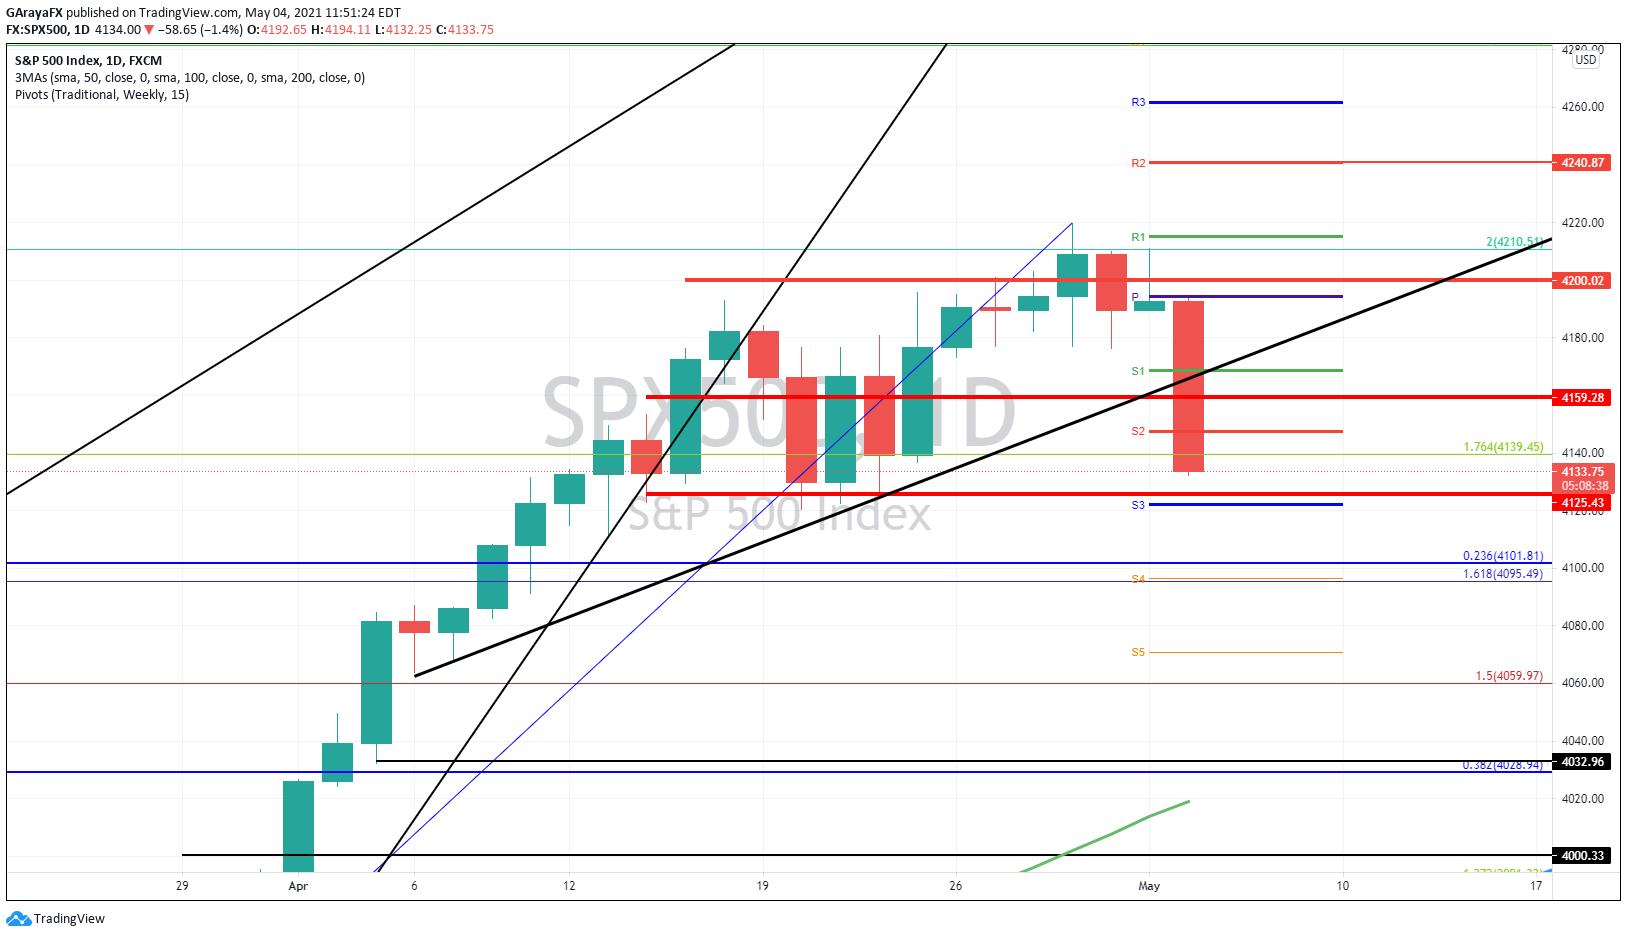 Gráfico diario del S&P 500 (SP 500) - 04.05.21